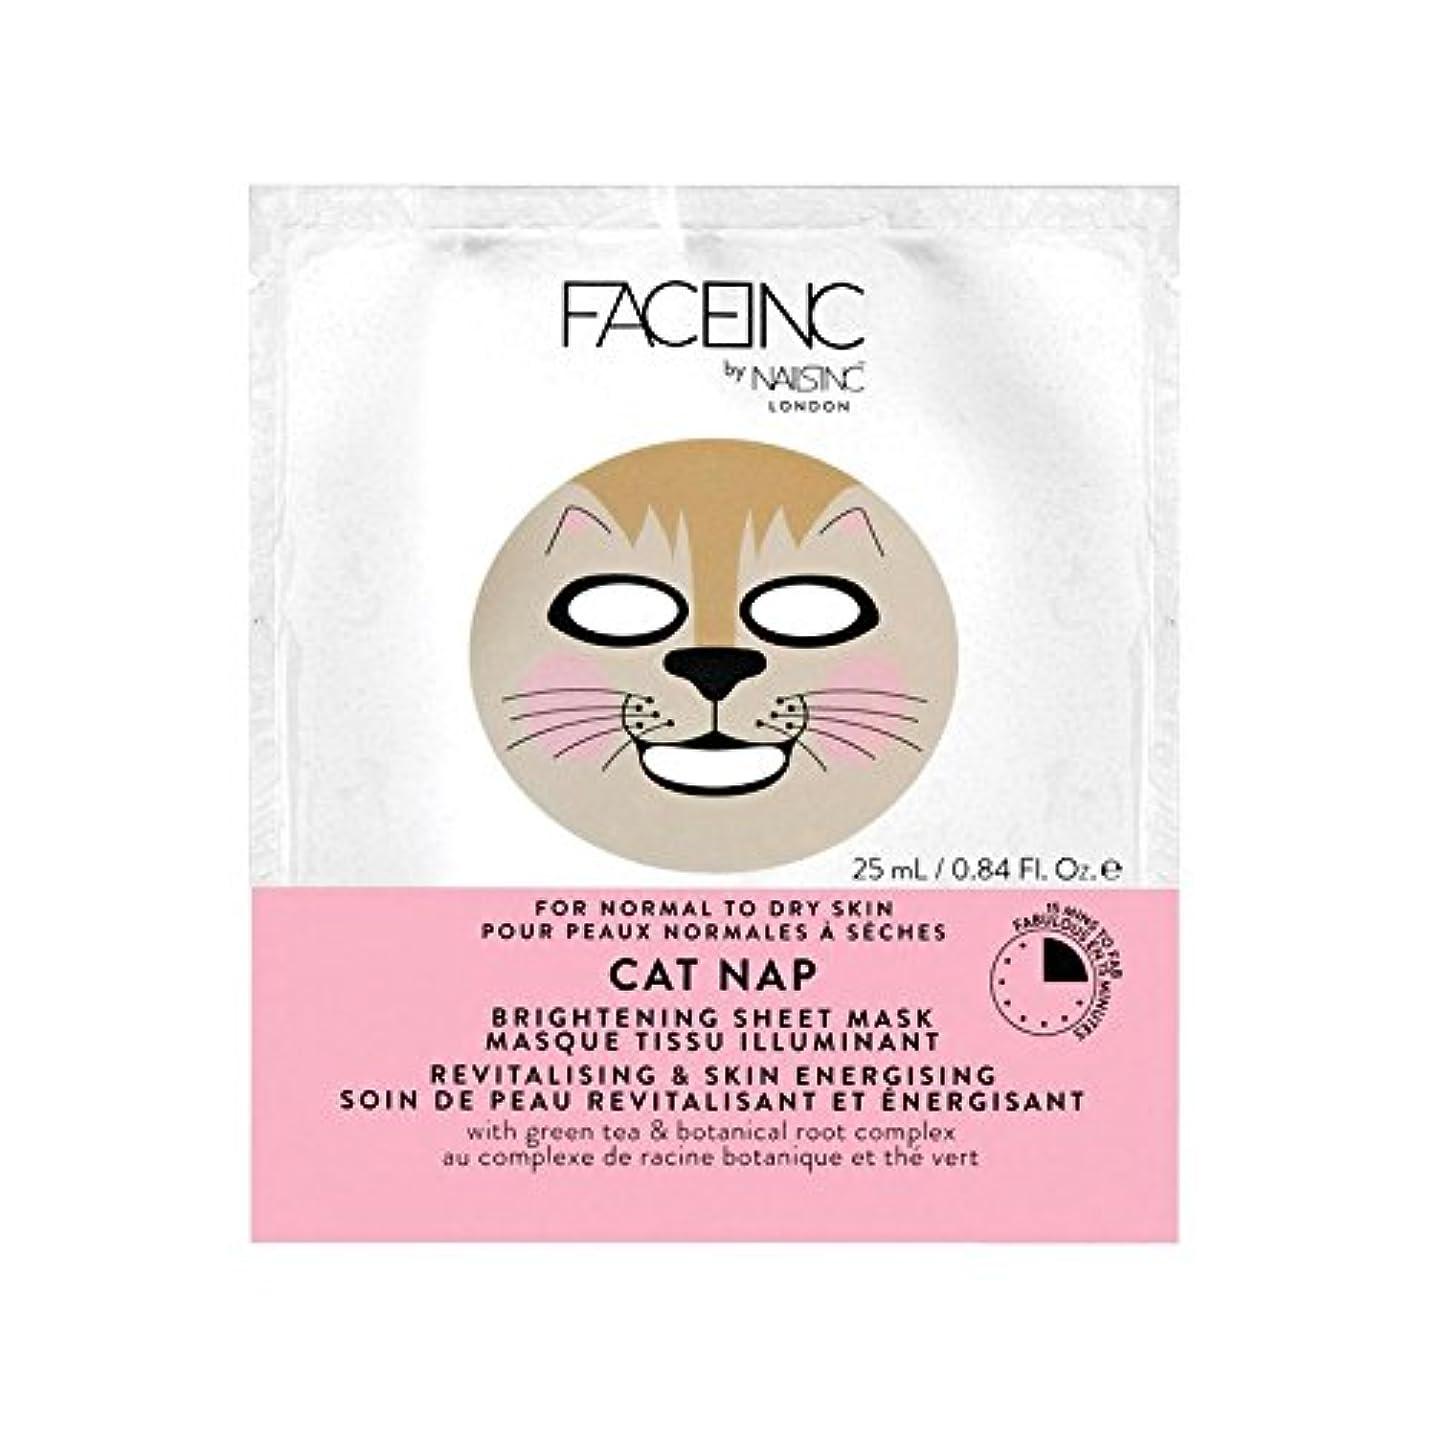 用量それによってハム爪が株式会社顔猫の昼寝用マスク x4 - Nails Inc. Face Inc Cat Nap Mask (Pack of 4) [並行輸入品]